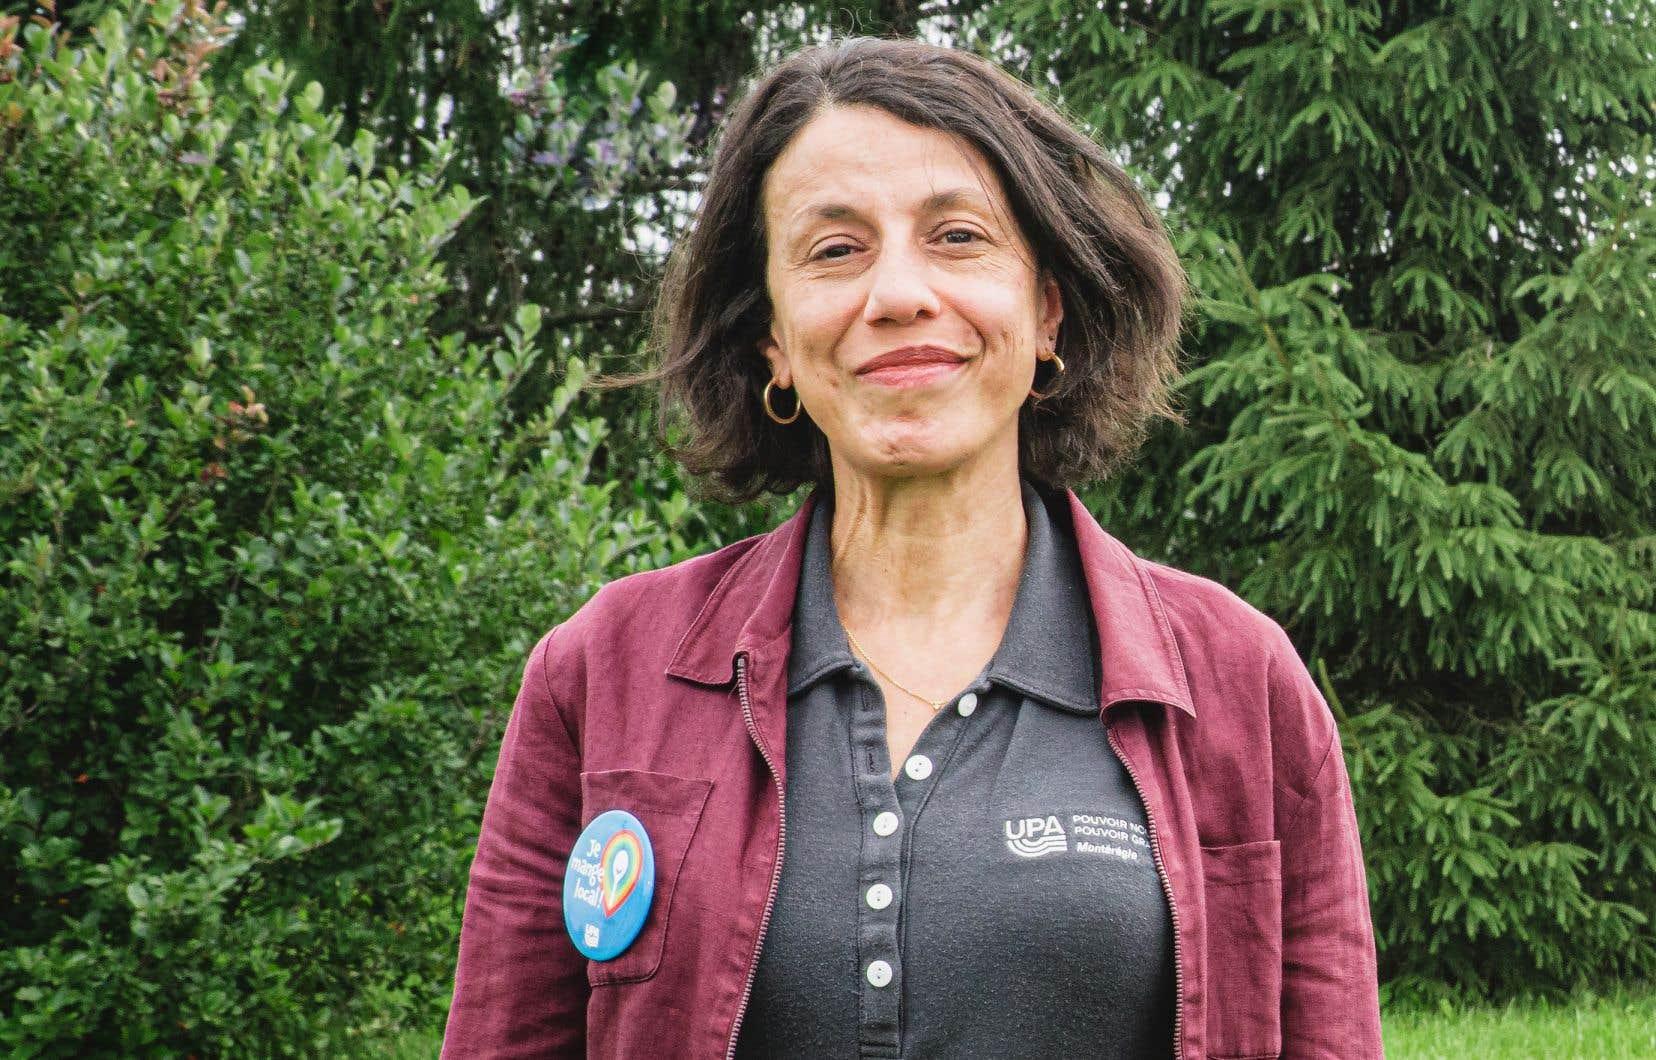 L'agronome Yasmina Larbi-Youcef coordonne un programme unique au Québec, qui «dédommage les producteurs produisant des biens et services écosystémiques».